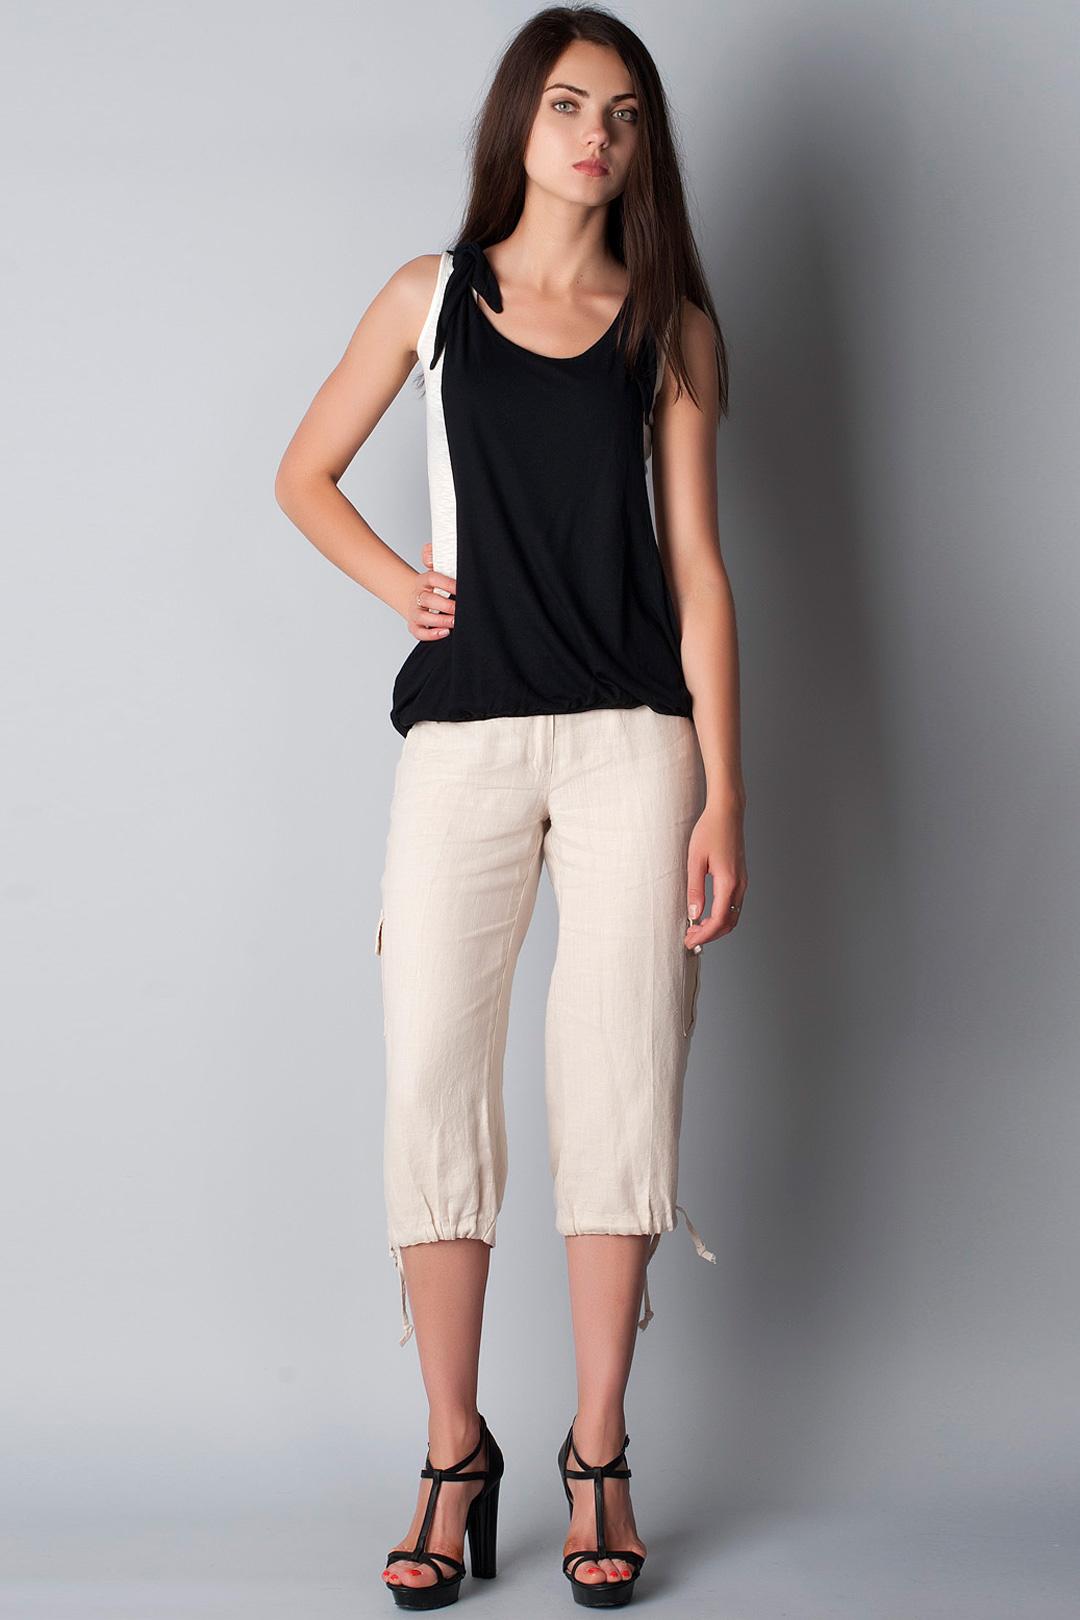 брюки весна лето 2019 года модные: капри светлые с завязками внизу